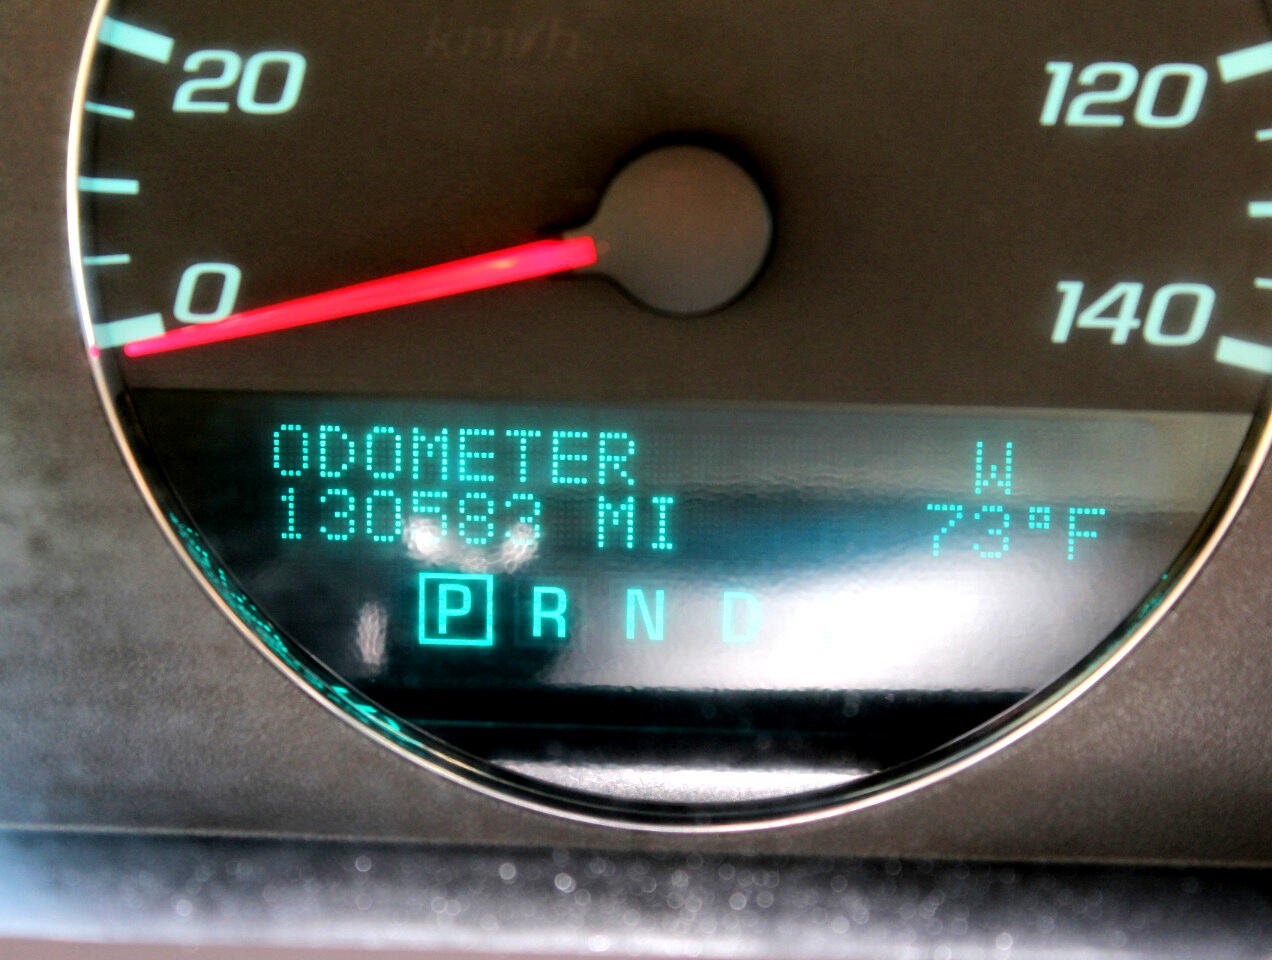 2012 Chevrolet Impala LT (Fleet)